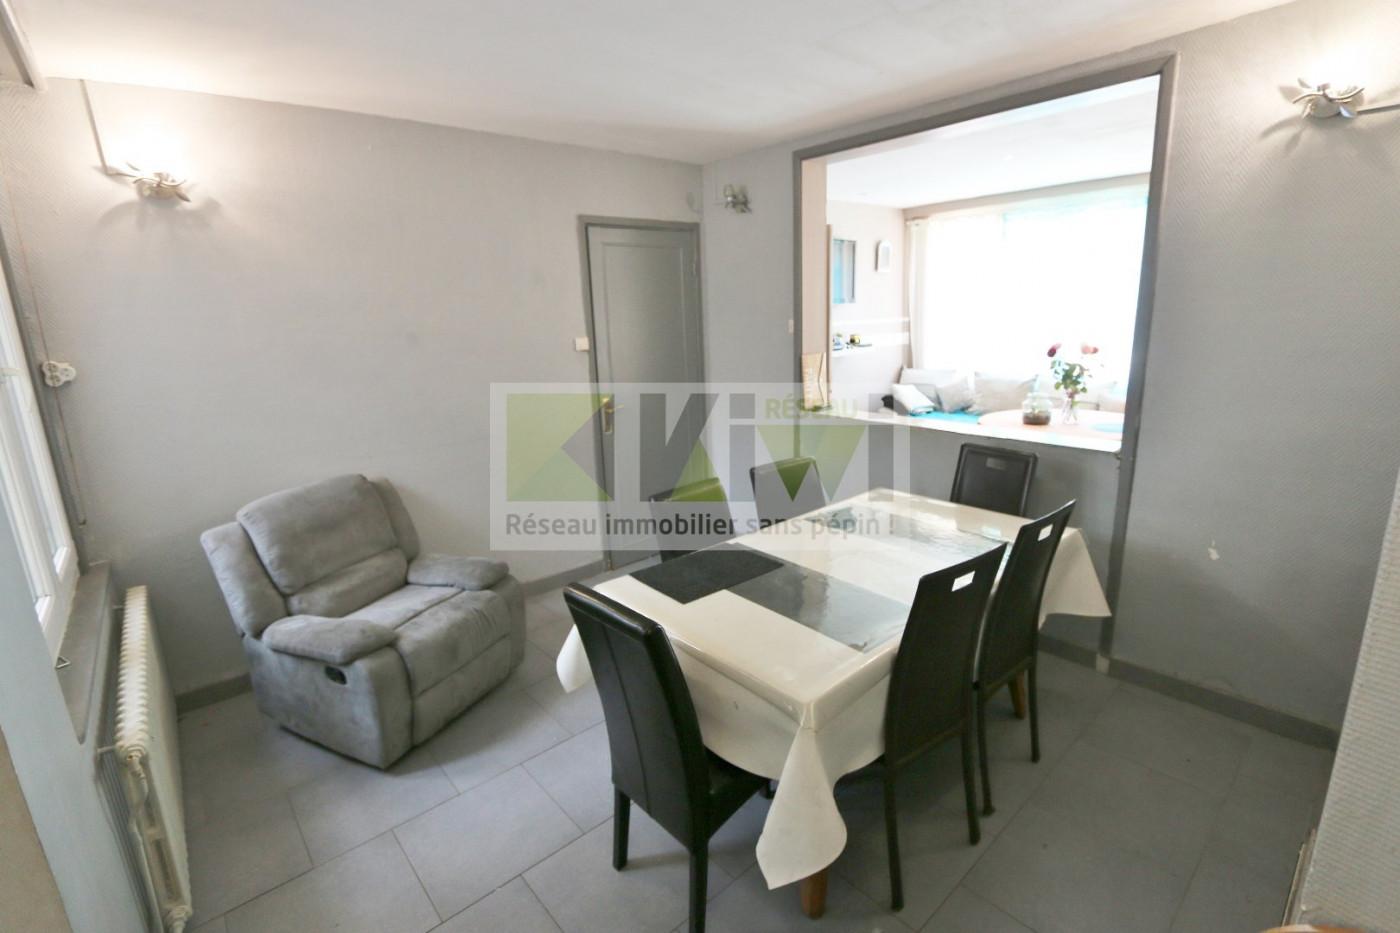 A vendre Saint Pol Sur Mer 590131264 Kiwi immobilier